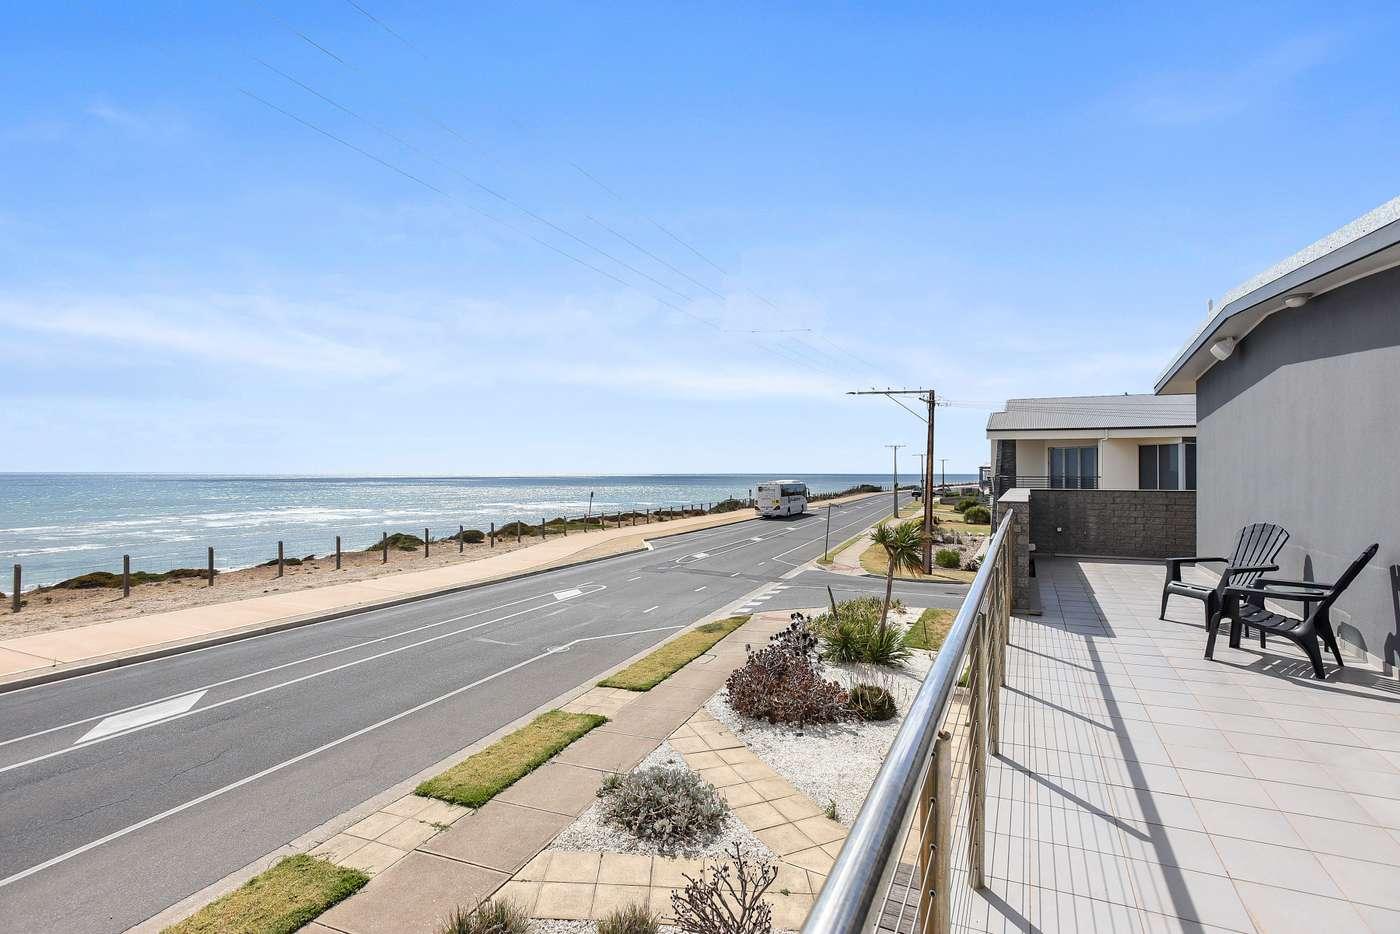 Main view of Homely house listing, 181 Esplanade, Aldinga Beach SA 5173